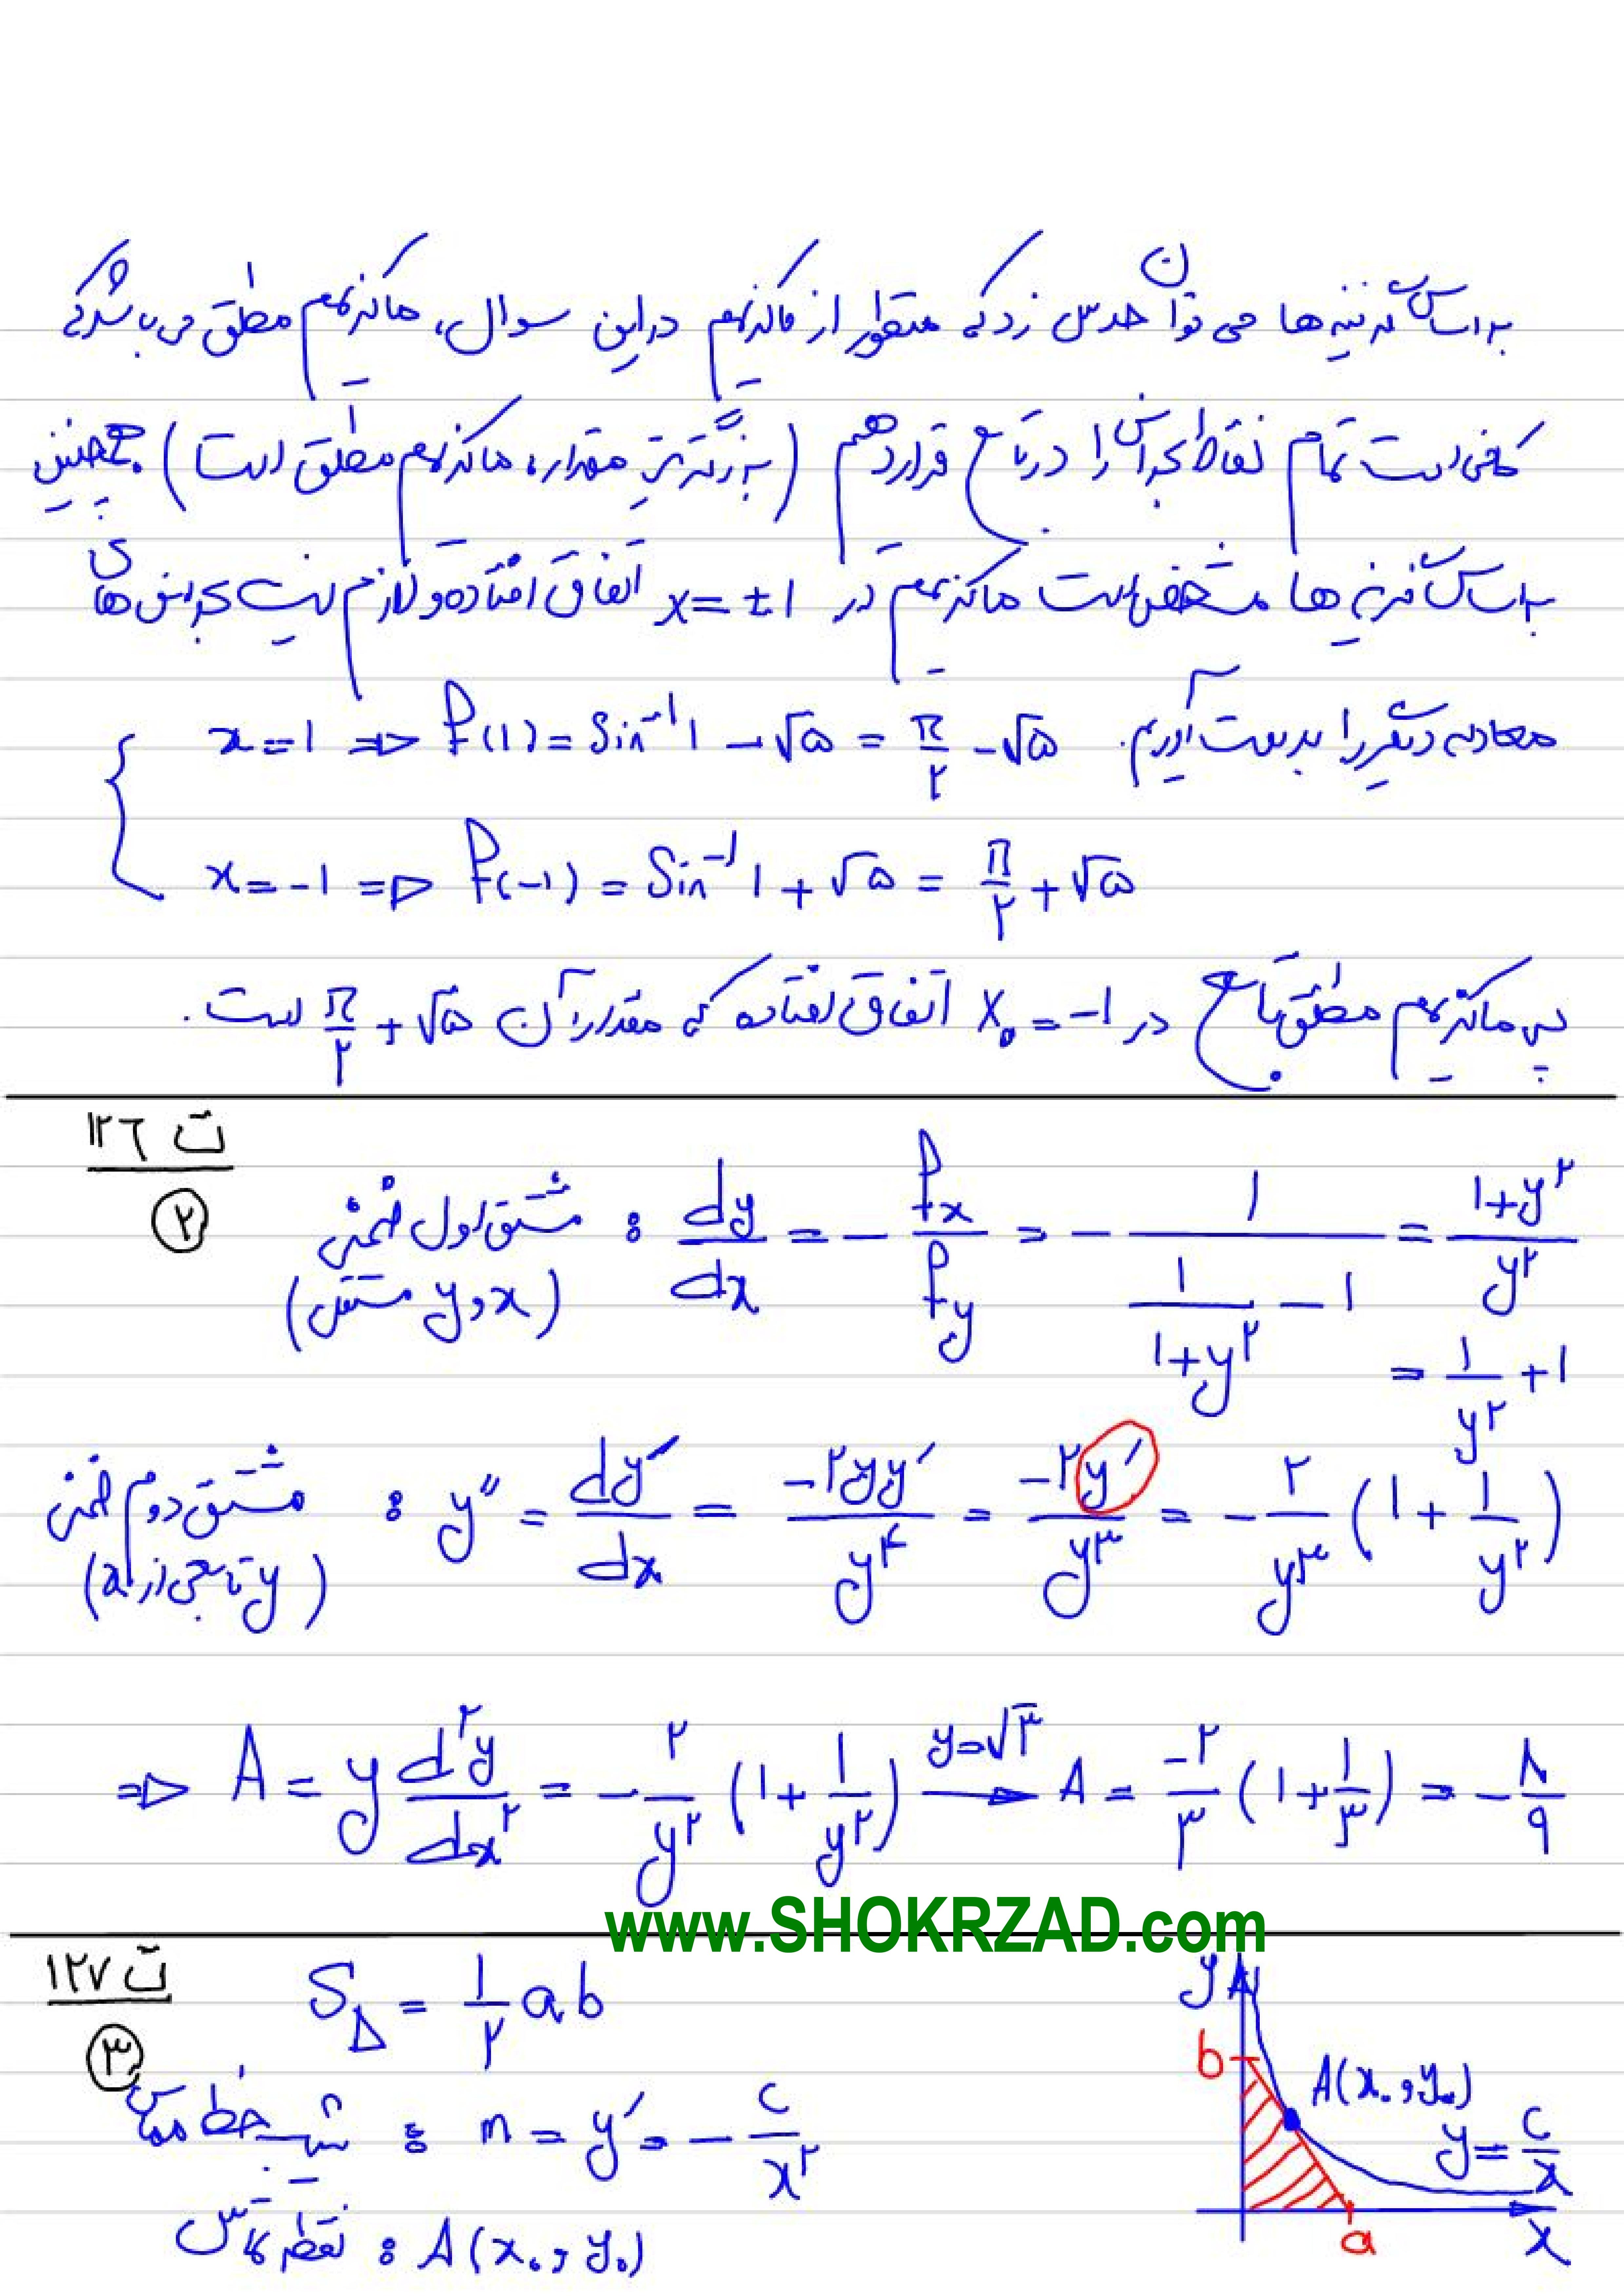 پاسخنامه تشریحی مهندسی کشاورزی مکانیزاسیون 97 ریاضی عمومی